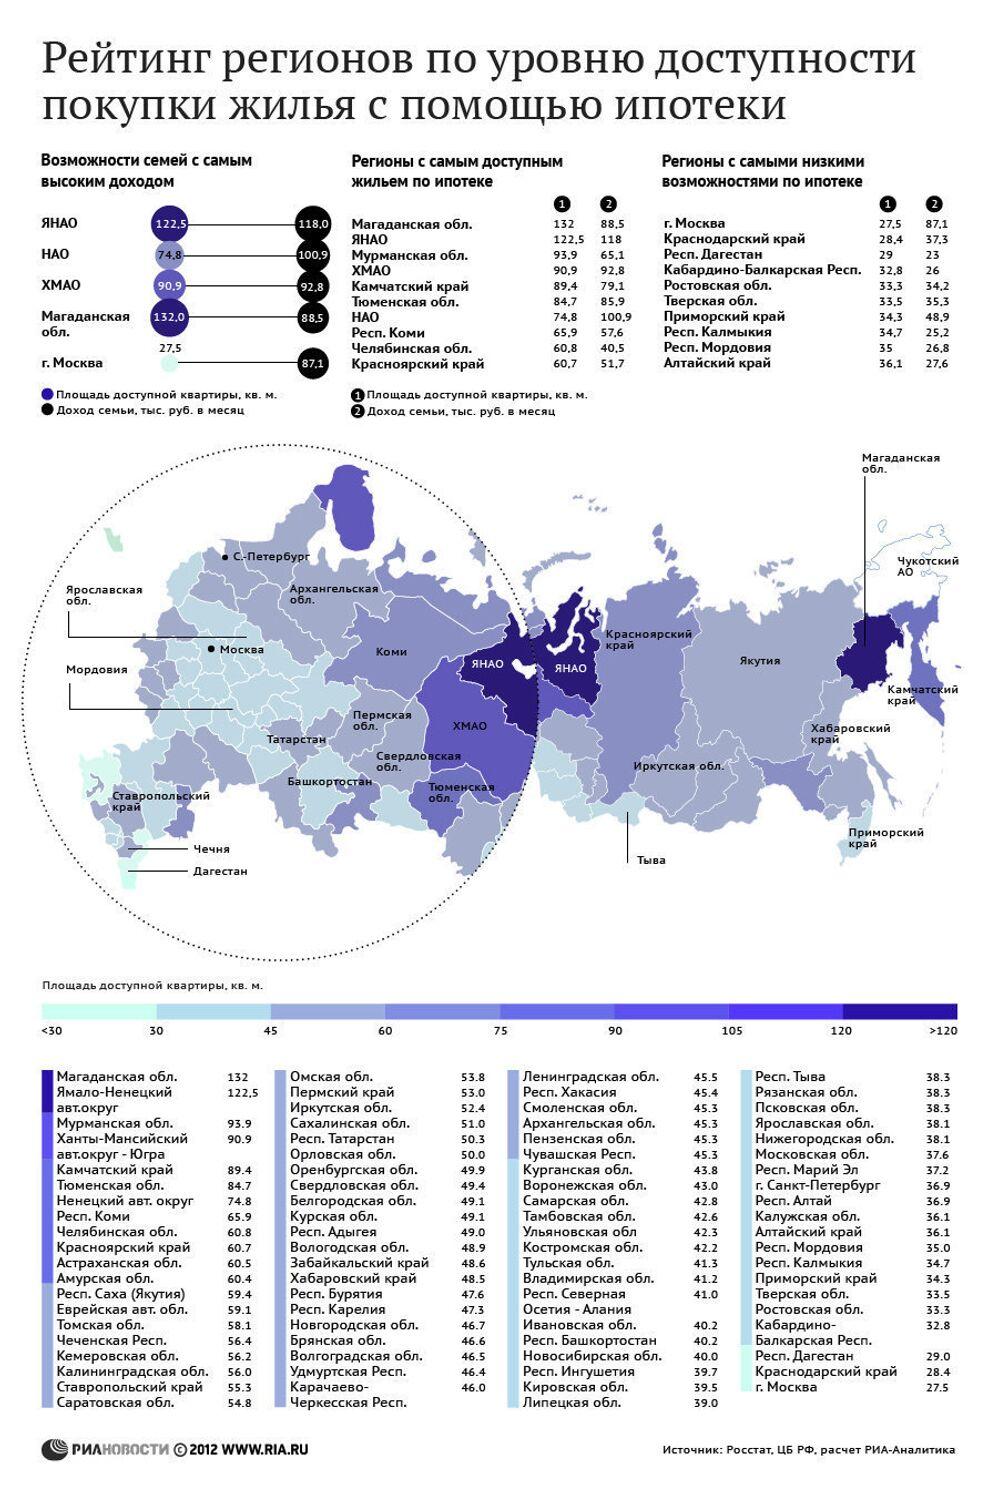 Ипотечный рейтинг регионов